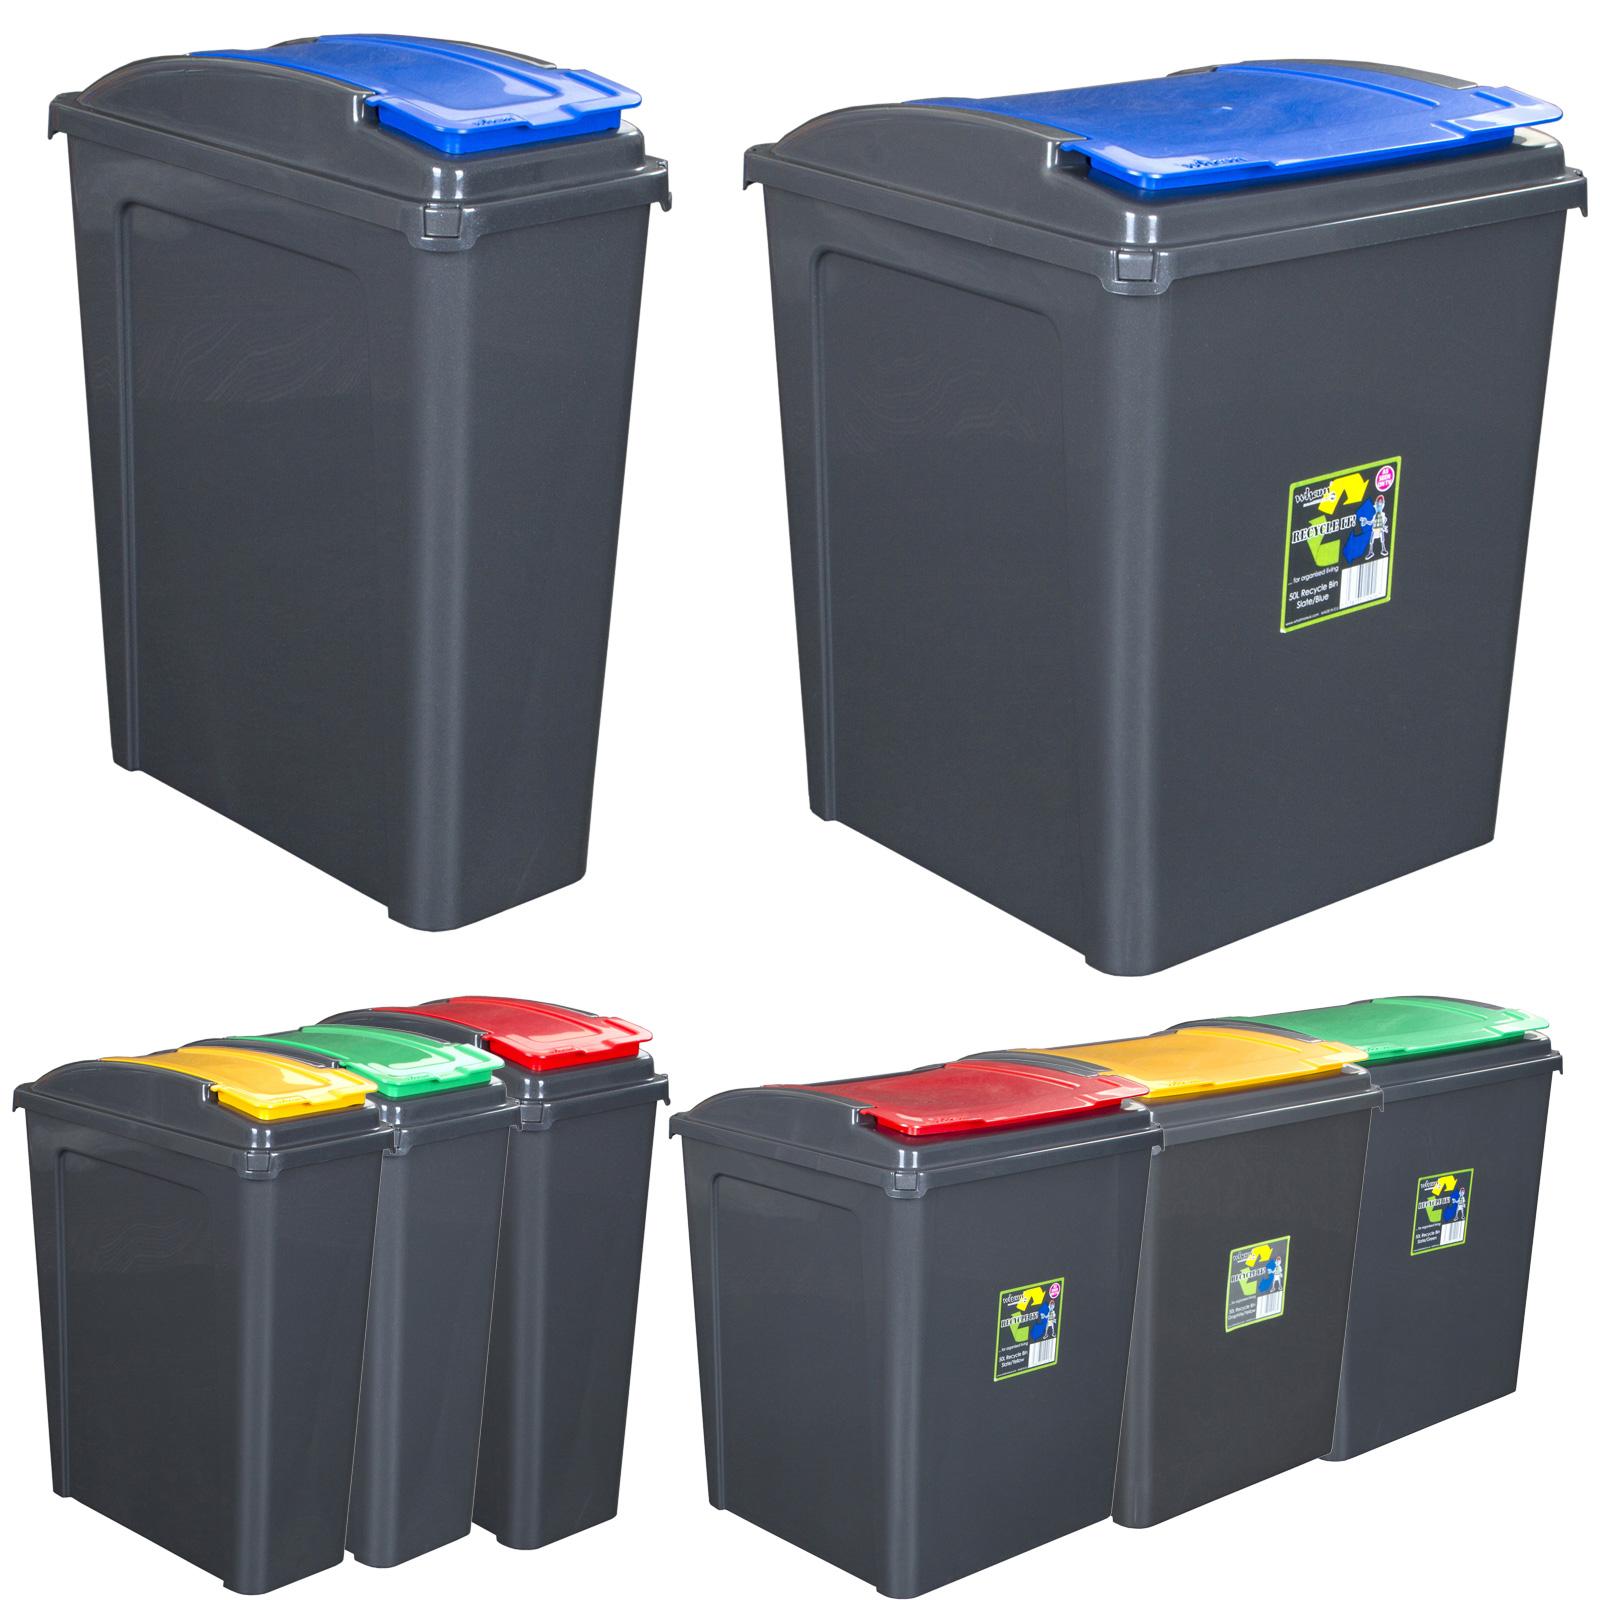 Mülleimer 50 L Abfalleimer mit Schiebedeckel Eimer Papierkorb Abfallsammler BW